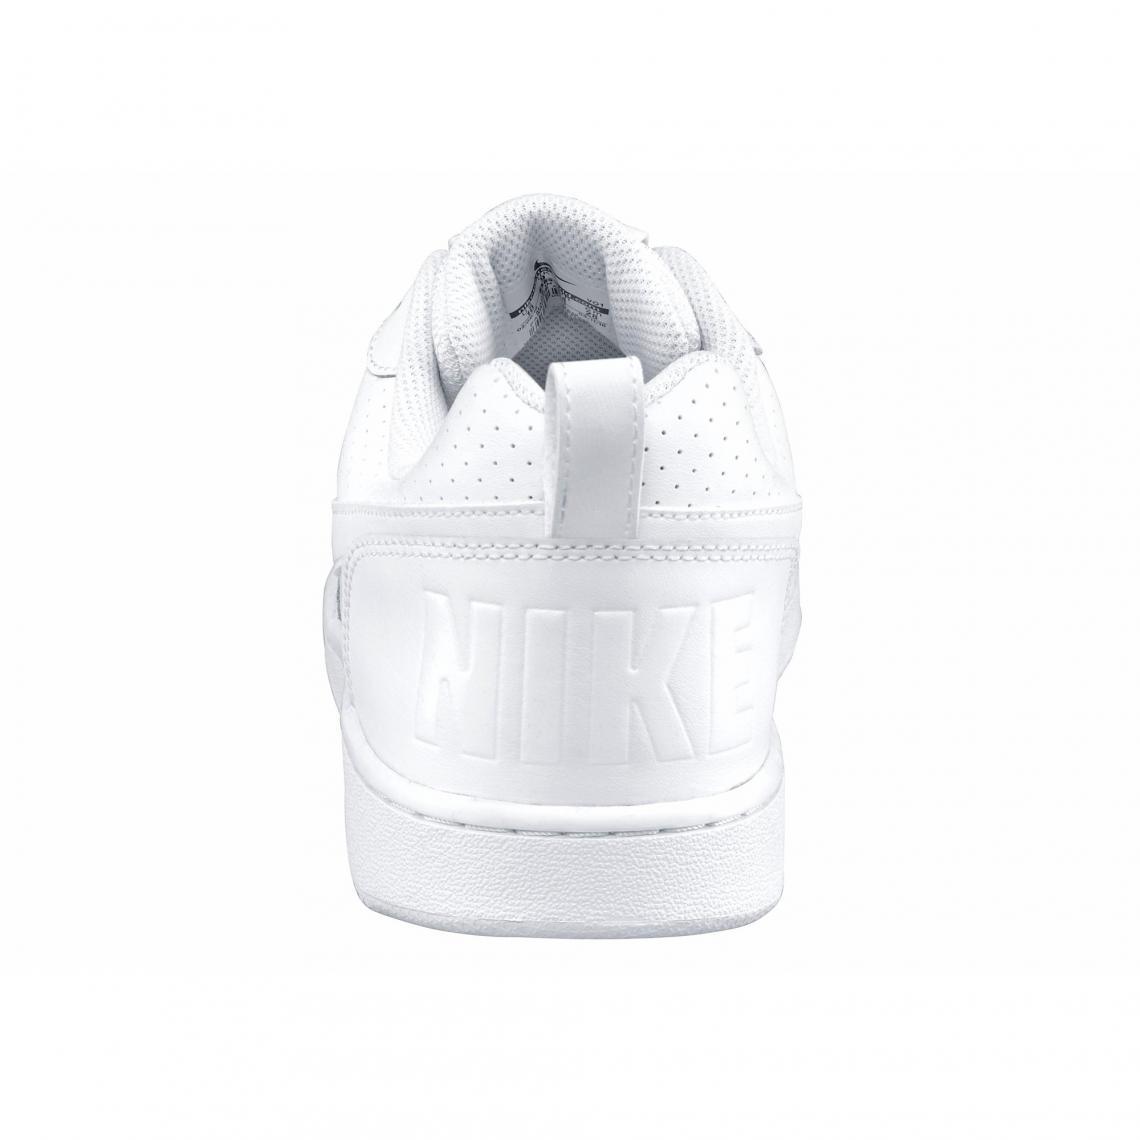 Shoe Homme Nike 3suisses Blanc Chaussures De Recreation Sport Low EpxqYzAw